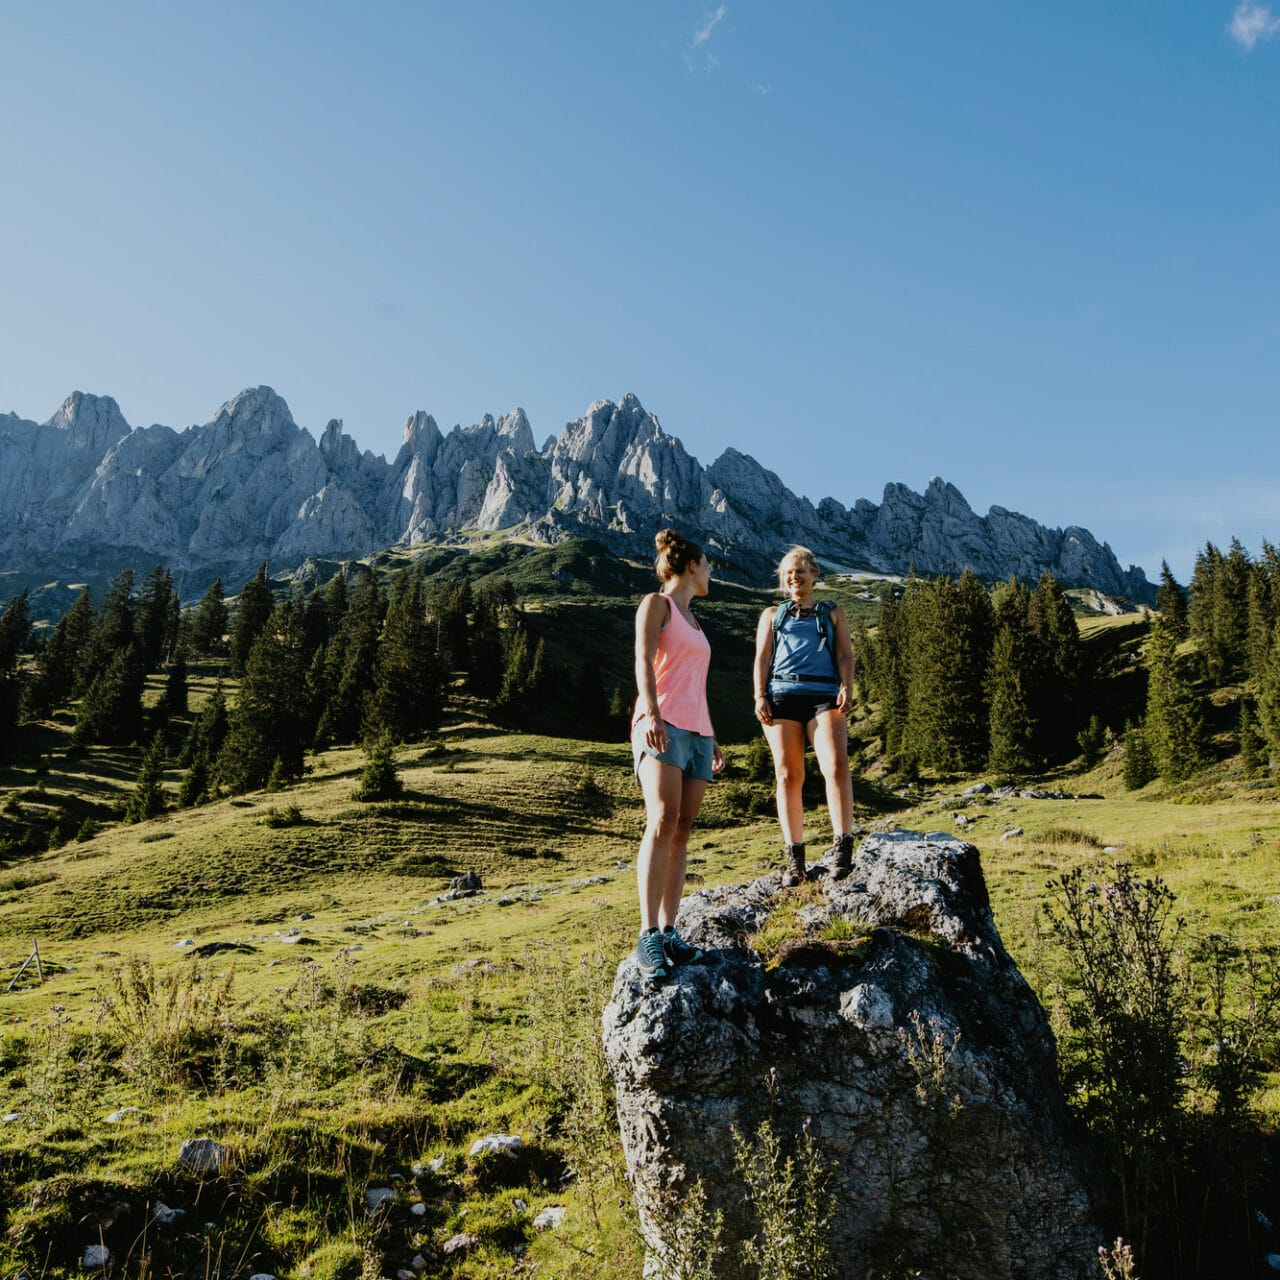 Hofgut-Wagrain-Apartment-Lifestyle-Resort-Freiheit-spueren-mit-Freunden-Wanderung-Berge